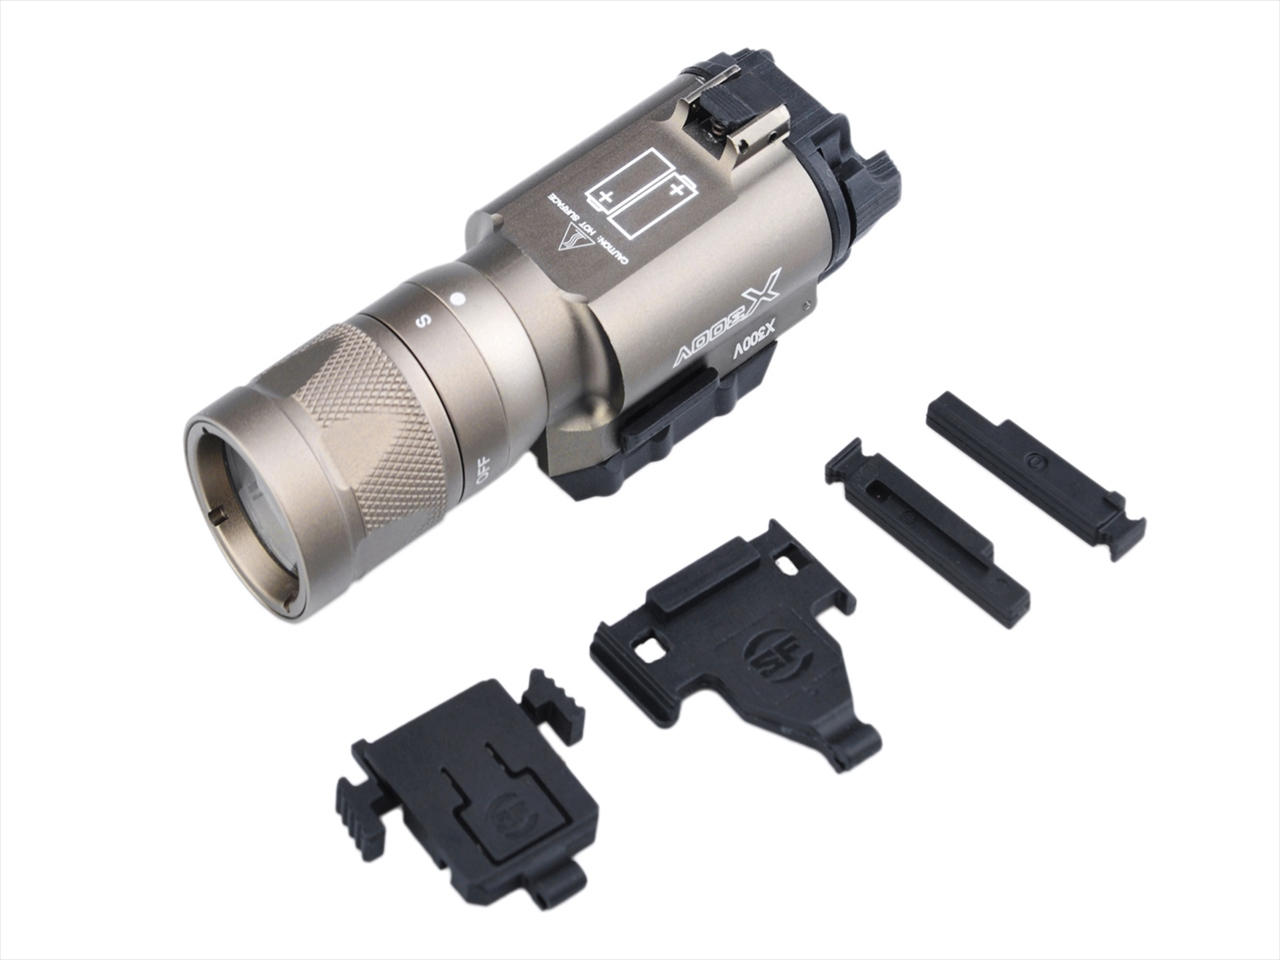 【 ポイント10倍 】Element X300V VAMPIRE LED タクティカルライト Strobe Ver. EX381DE サバイバルゲーム サバゲー ミリタリー エアガン 銃 エアソフト レプリカ 光学機器 防災